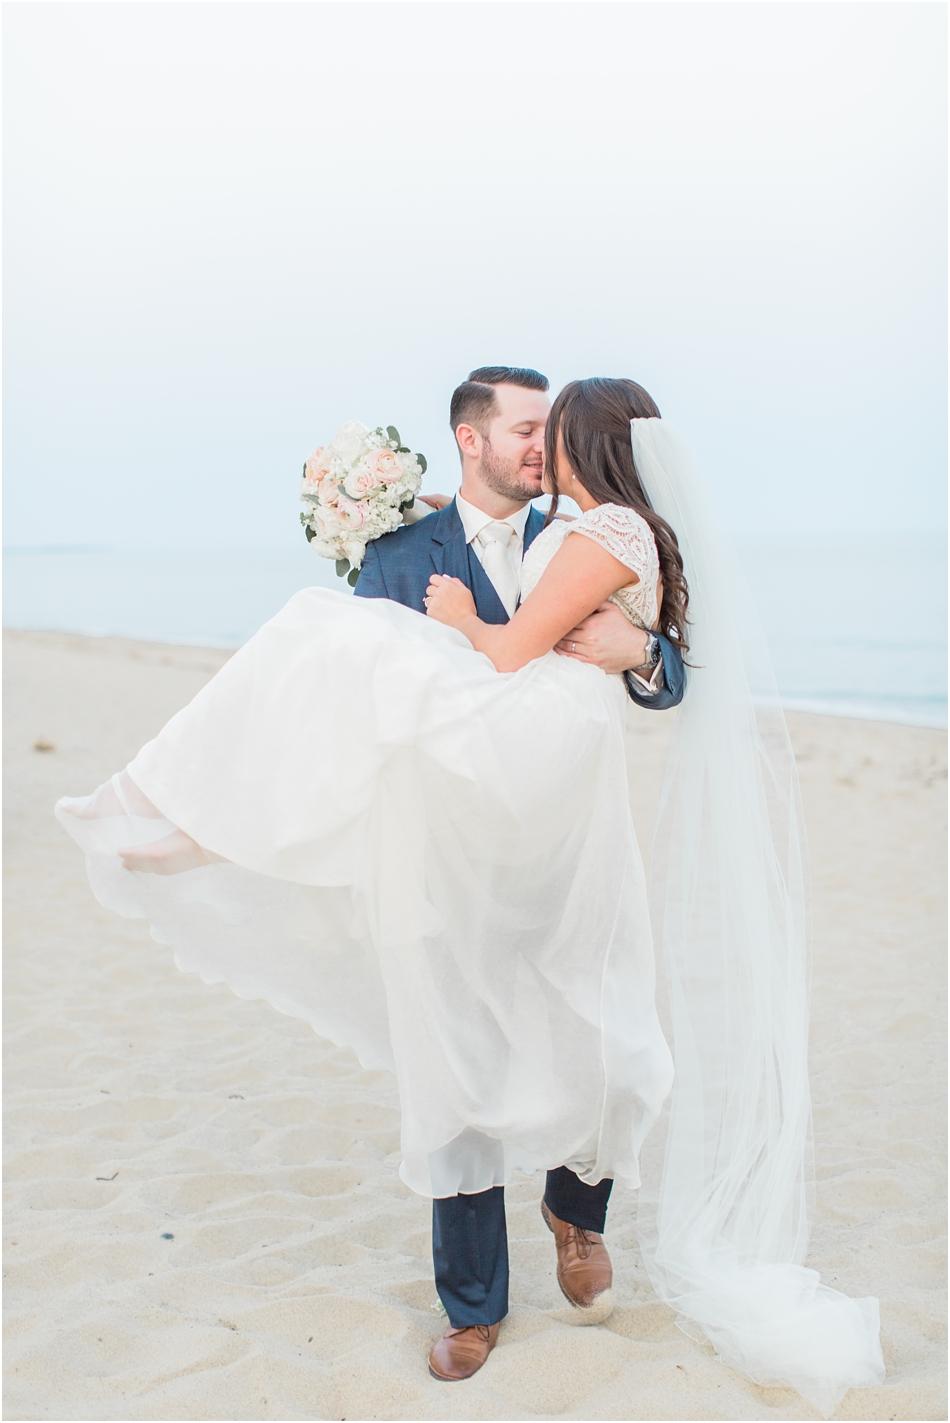 popponessett_inn_new_seabury_natasha_matt_cape_cod_boston_new_england_wedding_photographer_Meredith_Jane_Photography_photo_2464.jpg